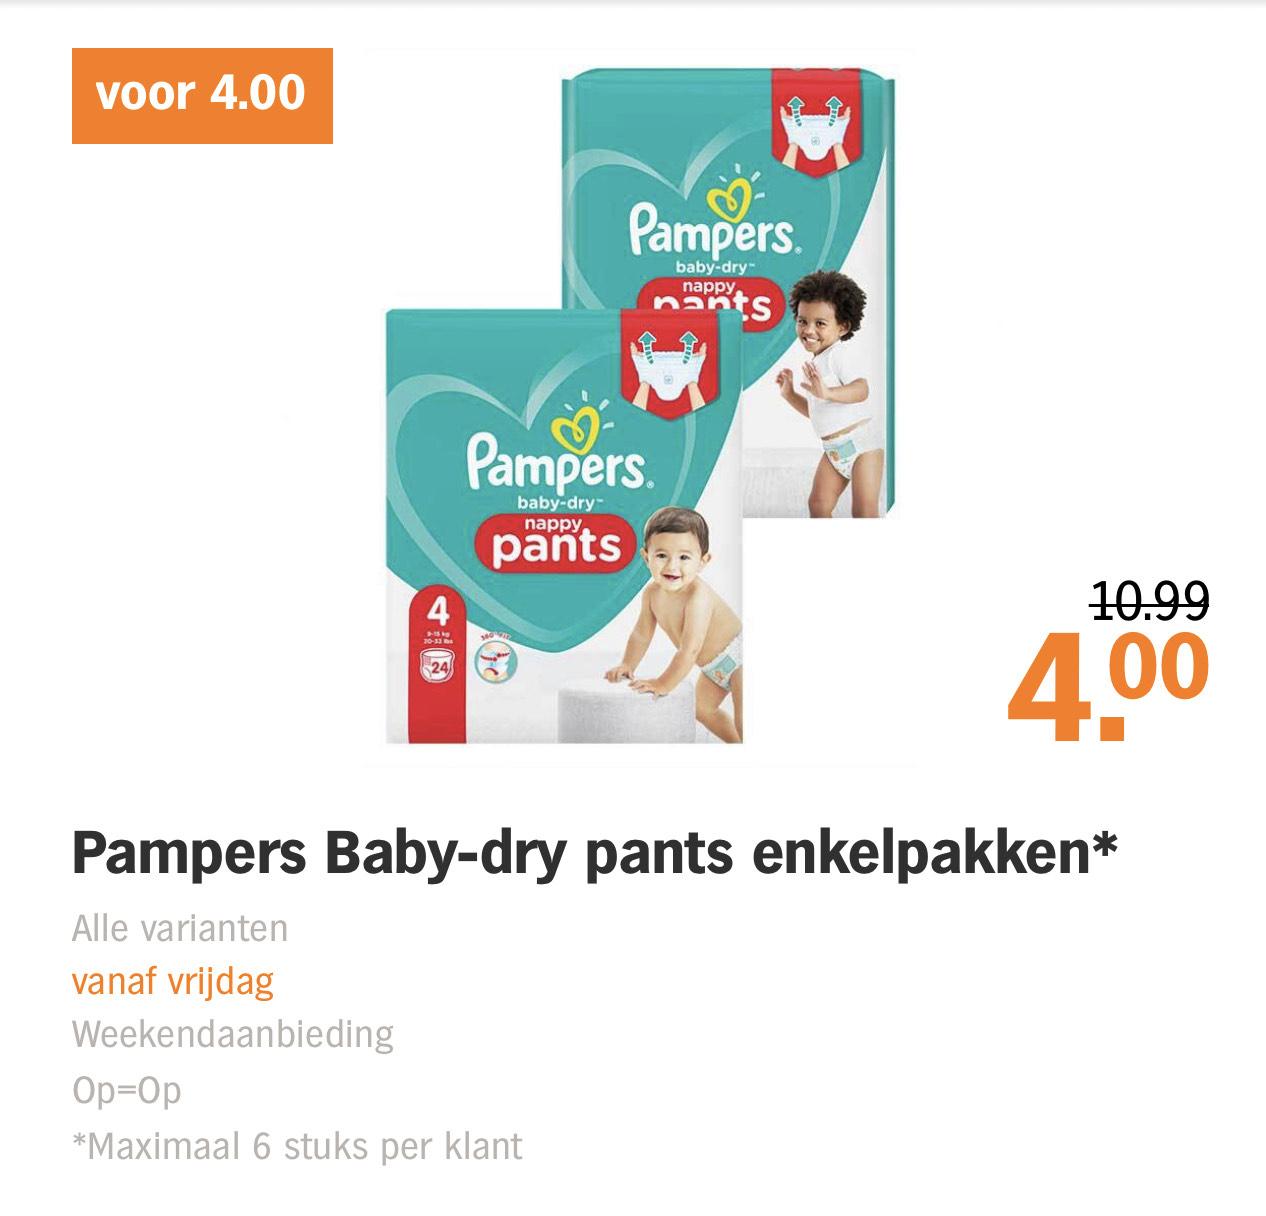 Pampers baby dry pants enkelpakken €4